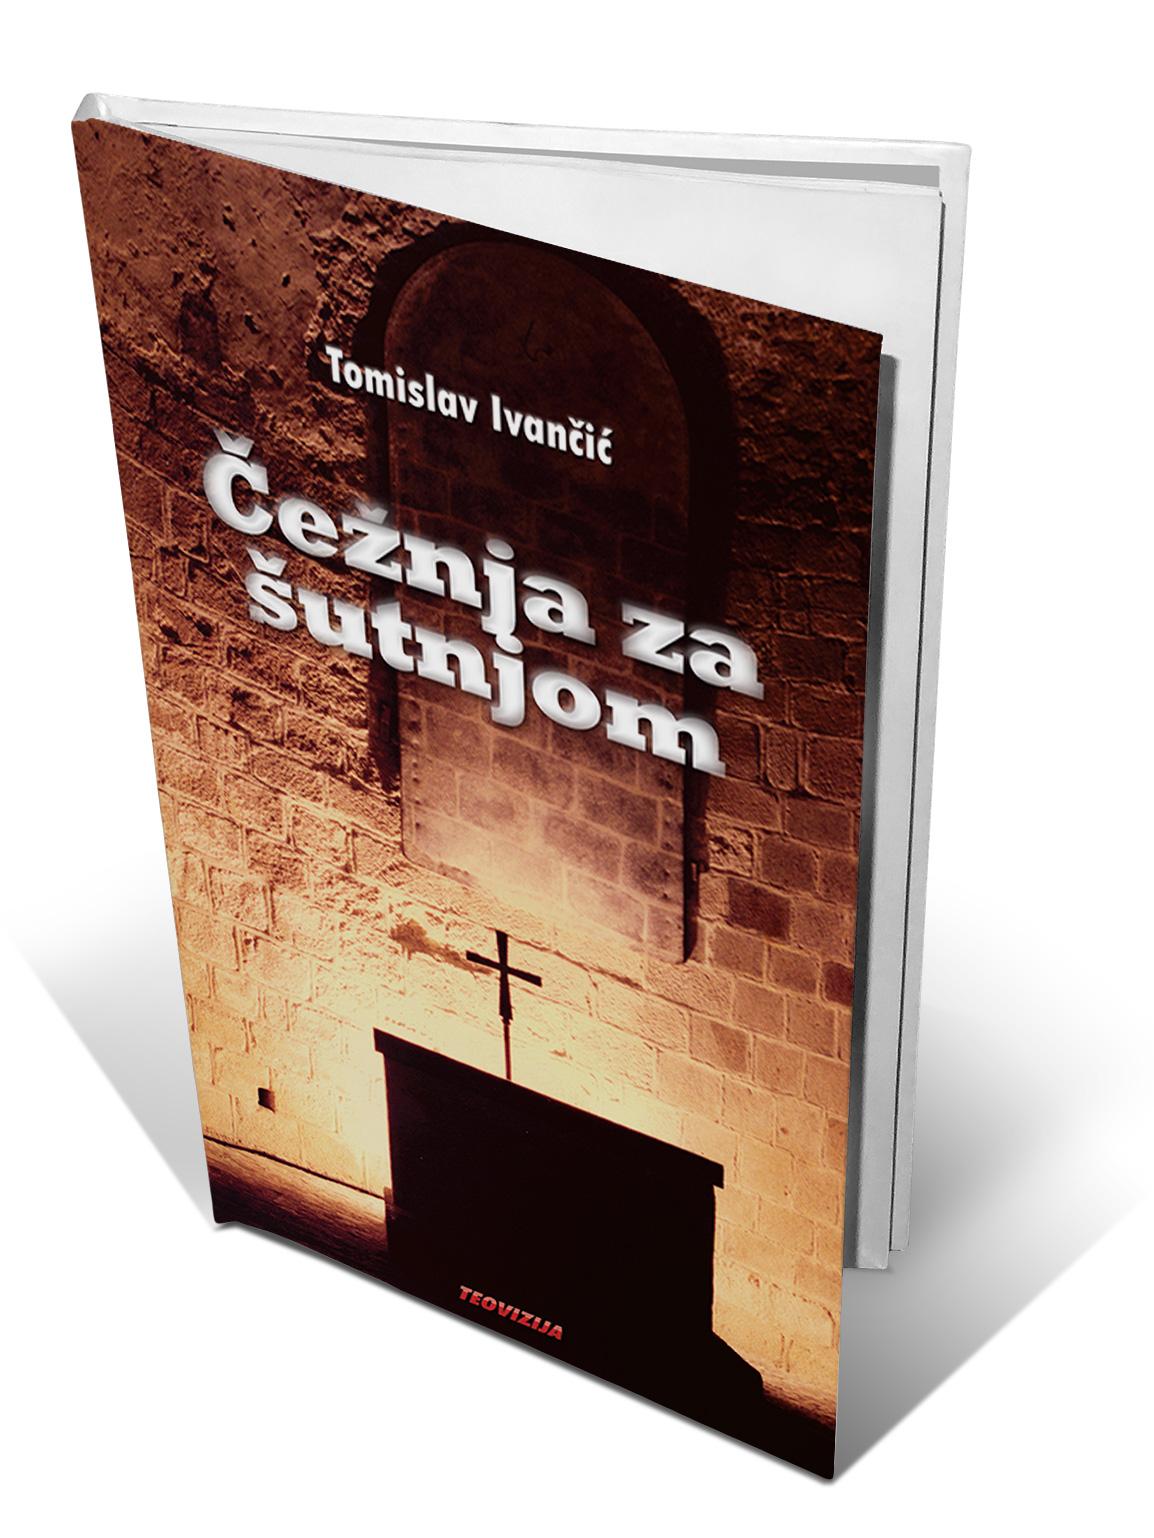 ČEŽNJA ZA ŠUTNJOM - Tomislav Ivančić